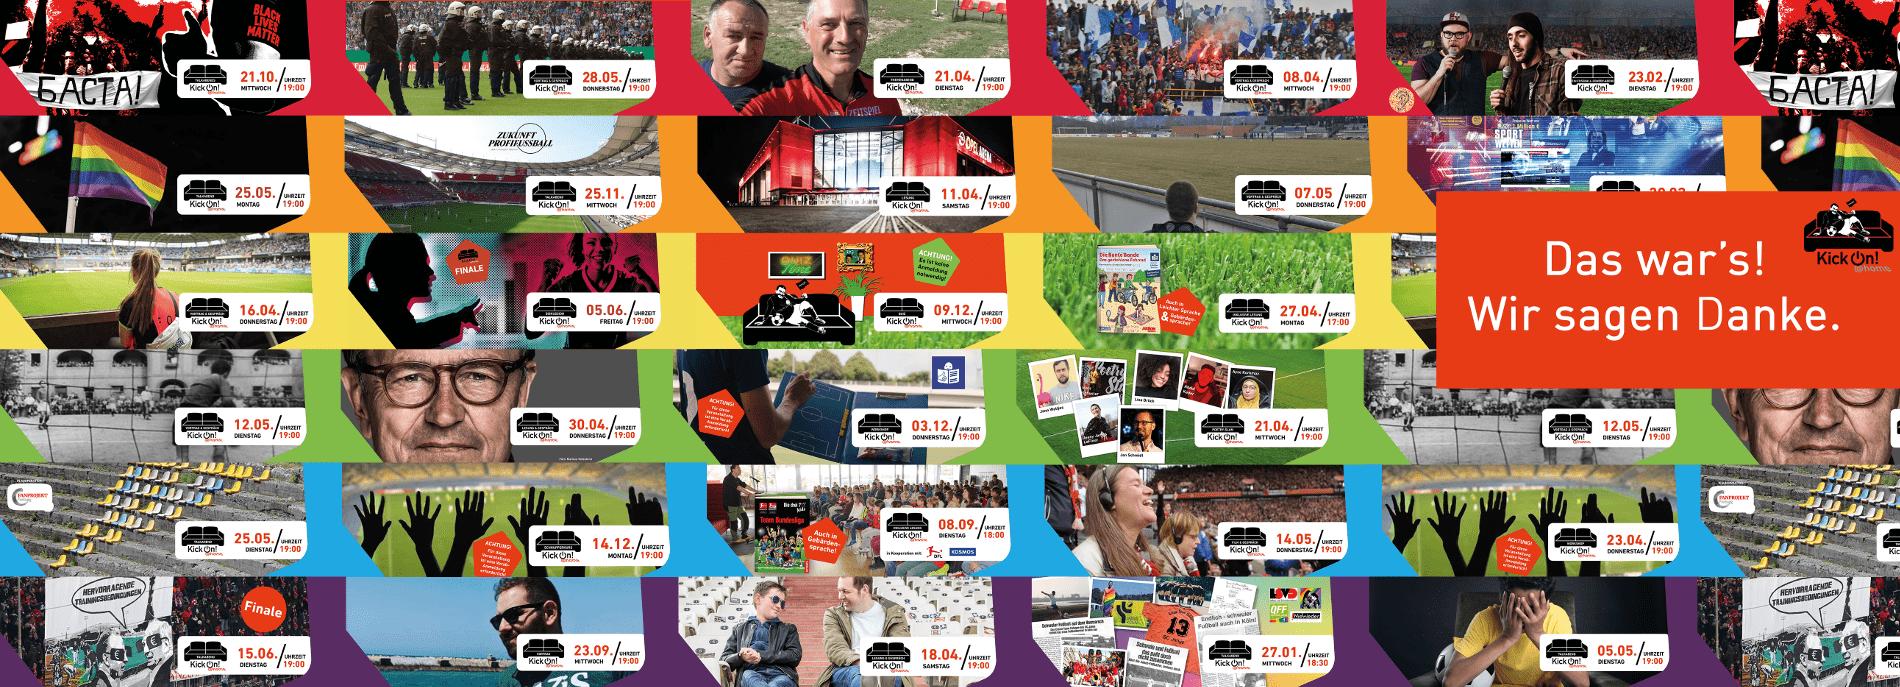 """Collage aus den Grafiken zu allen 28 KickOn@Home-Veranstaltungen. Die Grafiken wurden farblich so sortiert, dass sich ein Regenbogen ergibt. Über den Grafiken ist ein """"Das war's! Wir sagen Danke!""""-Schriftzug zu lesen."""